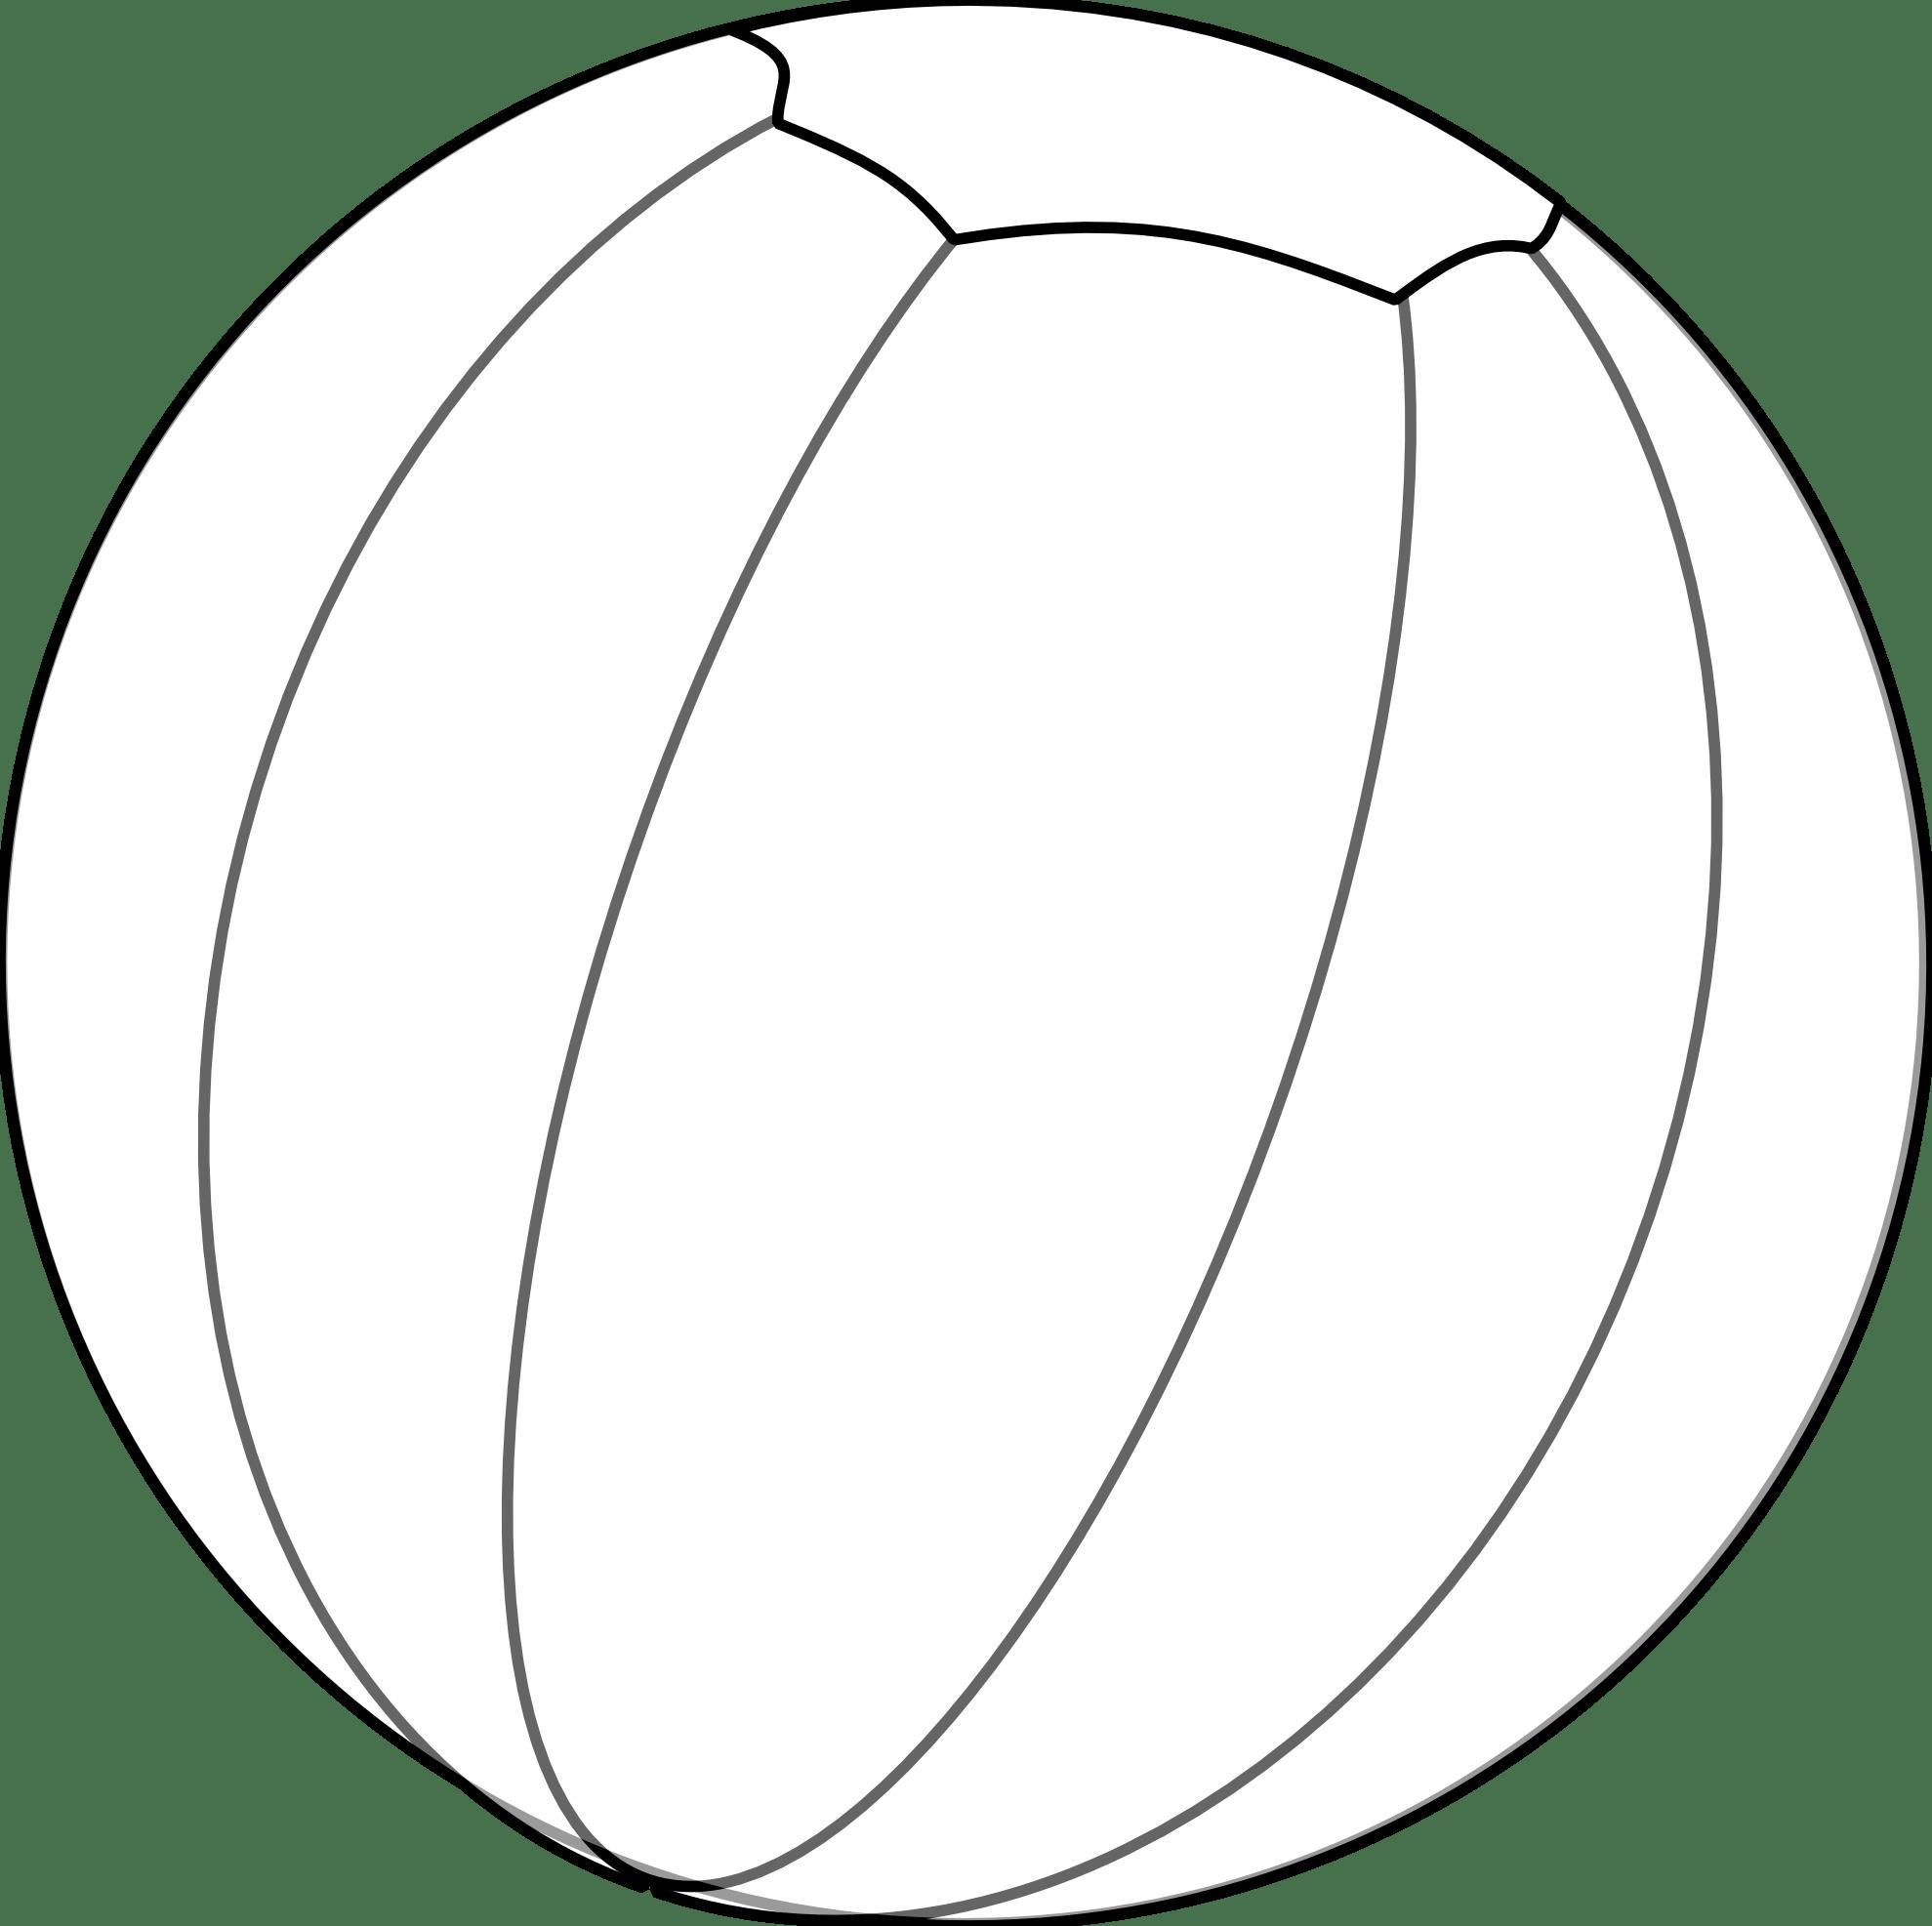 Bouncy Ball Clip Art